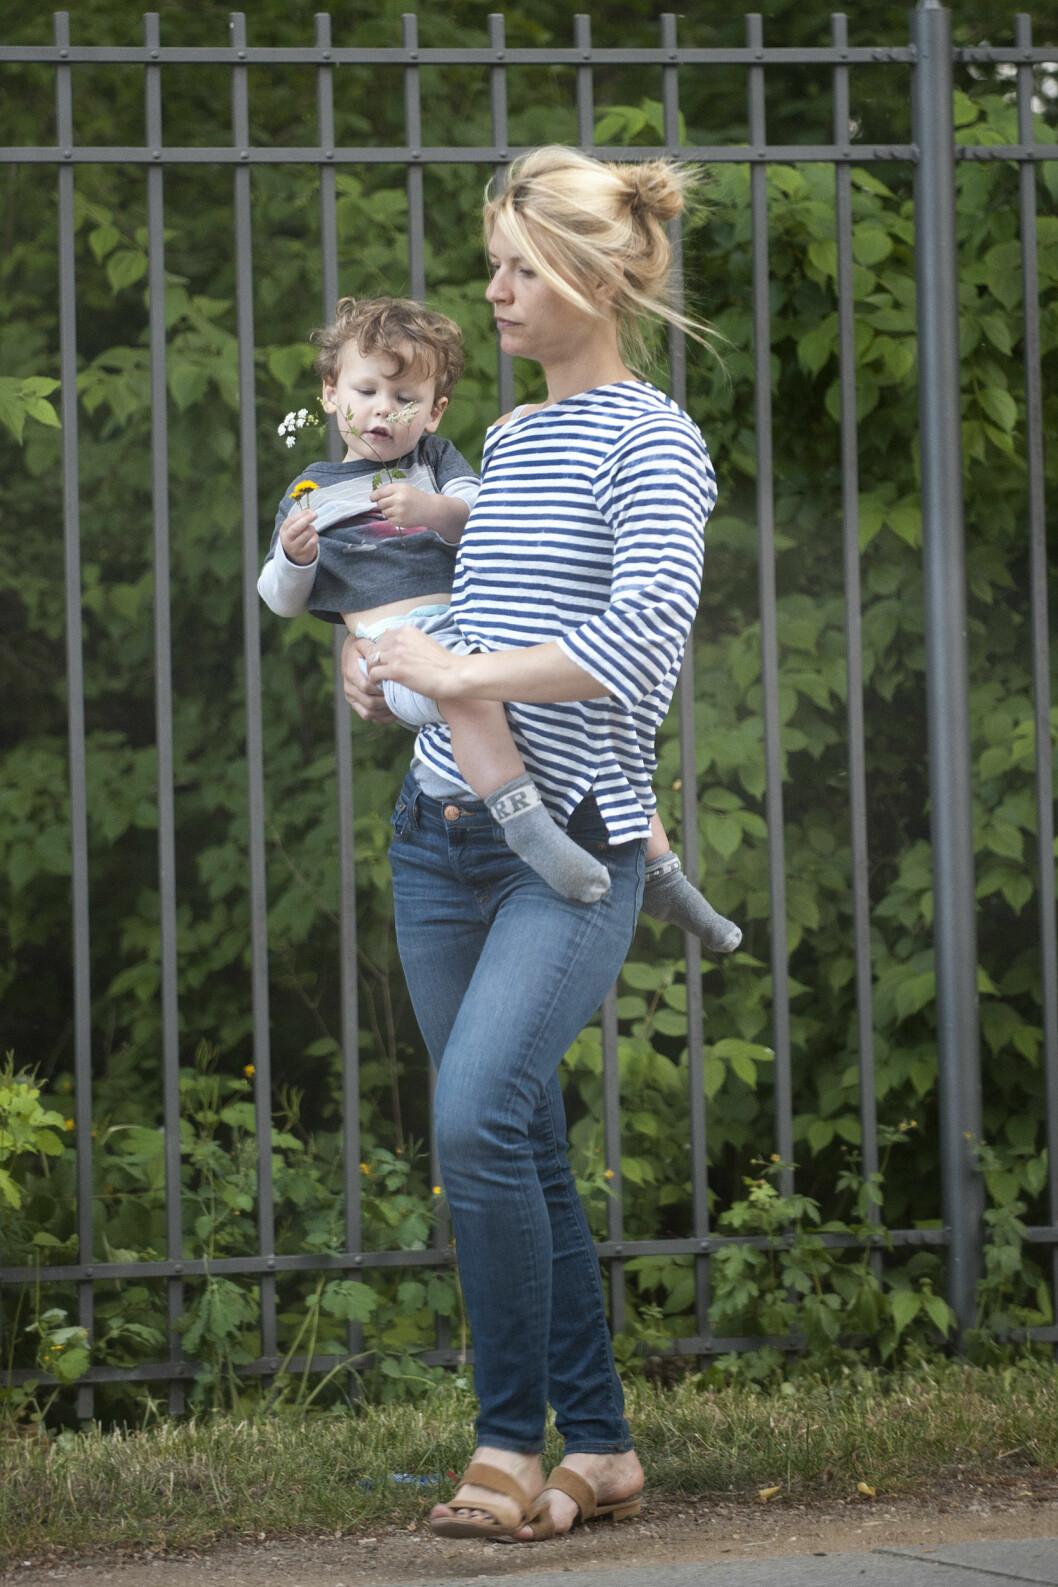 MOR OG SØNN: Her koser Claire og sønnen seg på spasertur i Berlin i Tyskland.  Foto: Splash News